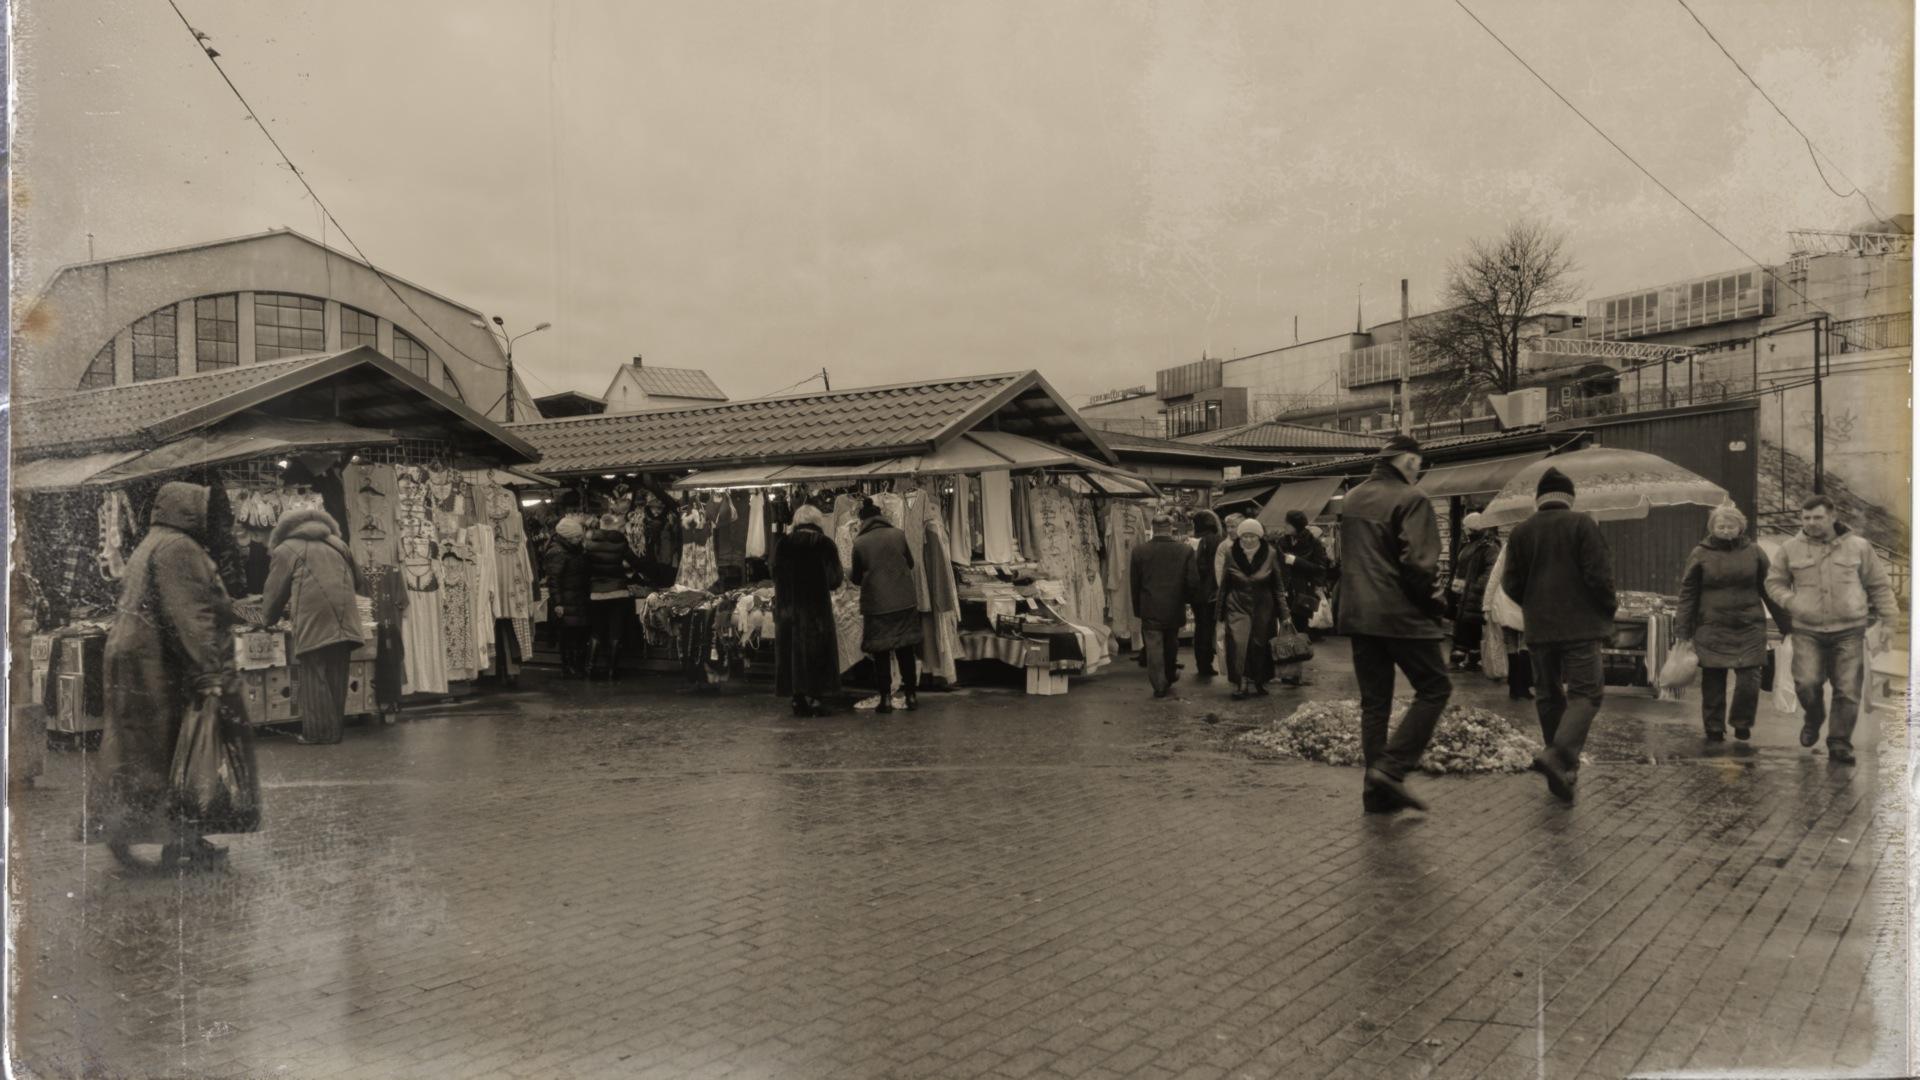 Bild: Unterwegs an der Gogoļa iela am Zentralmarkt von Riga. Hier geht es deutlich ärmlicher zu, als in den Hallen des Zentralmarktes. OLYMPUS OM-D E-M5 mit M.Zuiko Digital 12-50 mm 1:3.5-6.3 EZ. ISO 640 ¦ f/7,1 ¦ 12 mm ¦ 1/50 s ¦ kein Blitz. Klicken Sie auf das Bild um es zu vergrößern.